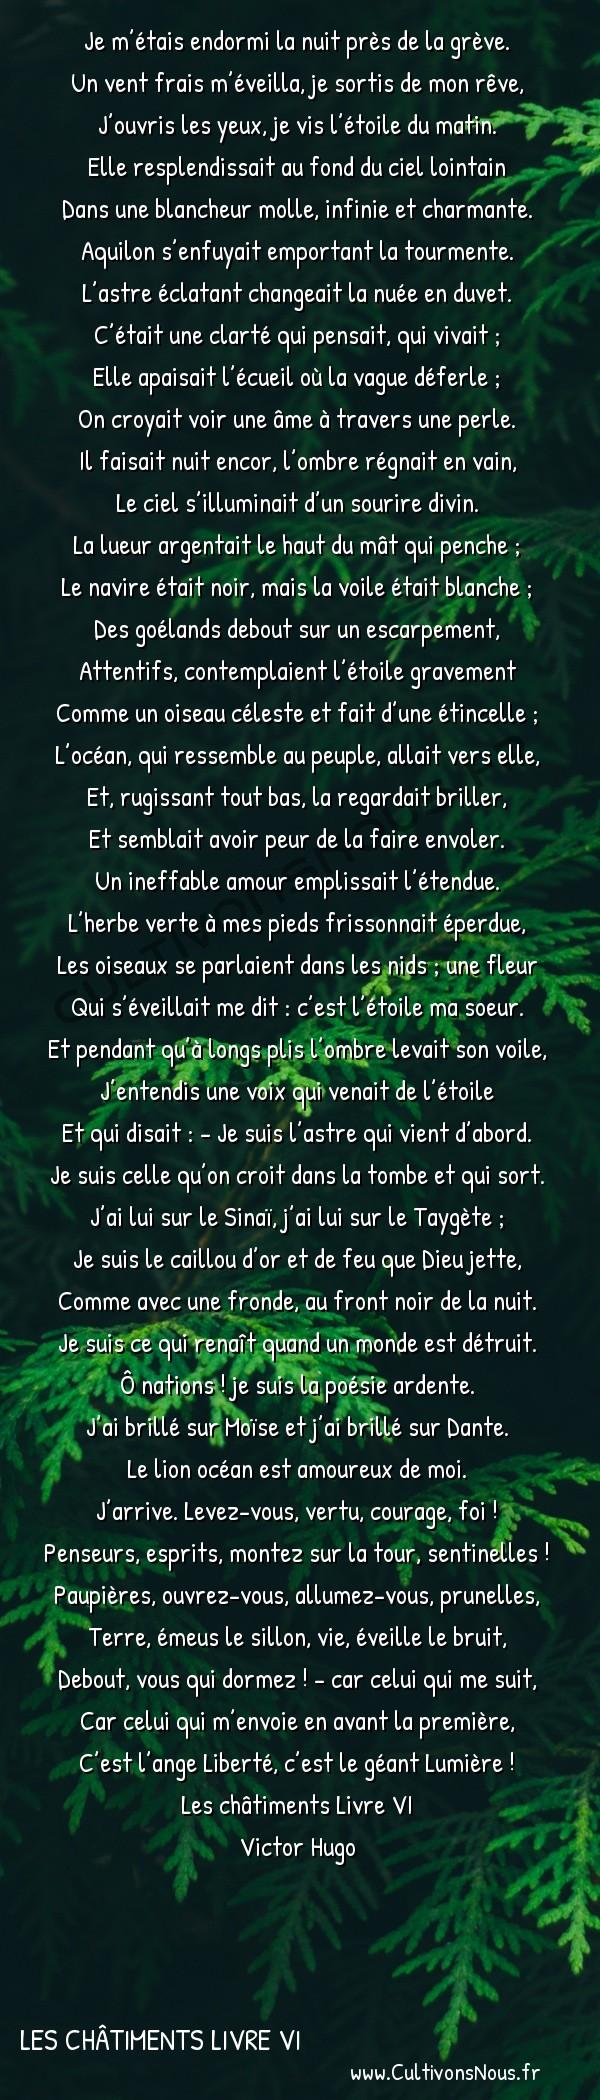 Poésie Victor Hugo - Les châtiments Livre VI - Stella -  Je m'étais endormi la nuit près de la grève. Un vent frais m'éveilla, je sortis de mon rêve,